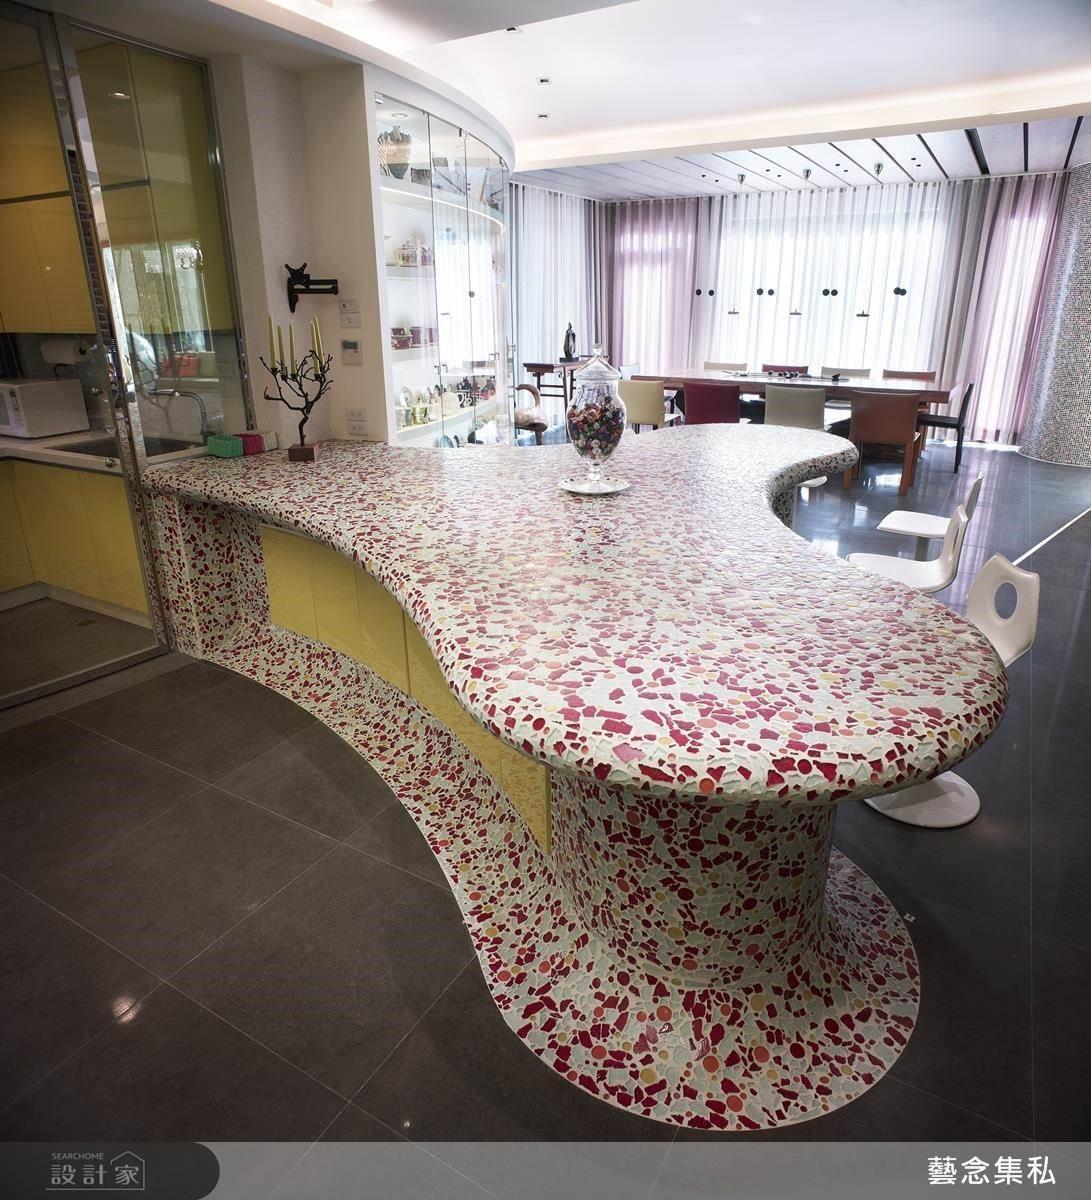 以精湛的工藝手法,將設計師的手稿設計付諸實現,讓餐桌也能藝術化!